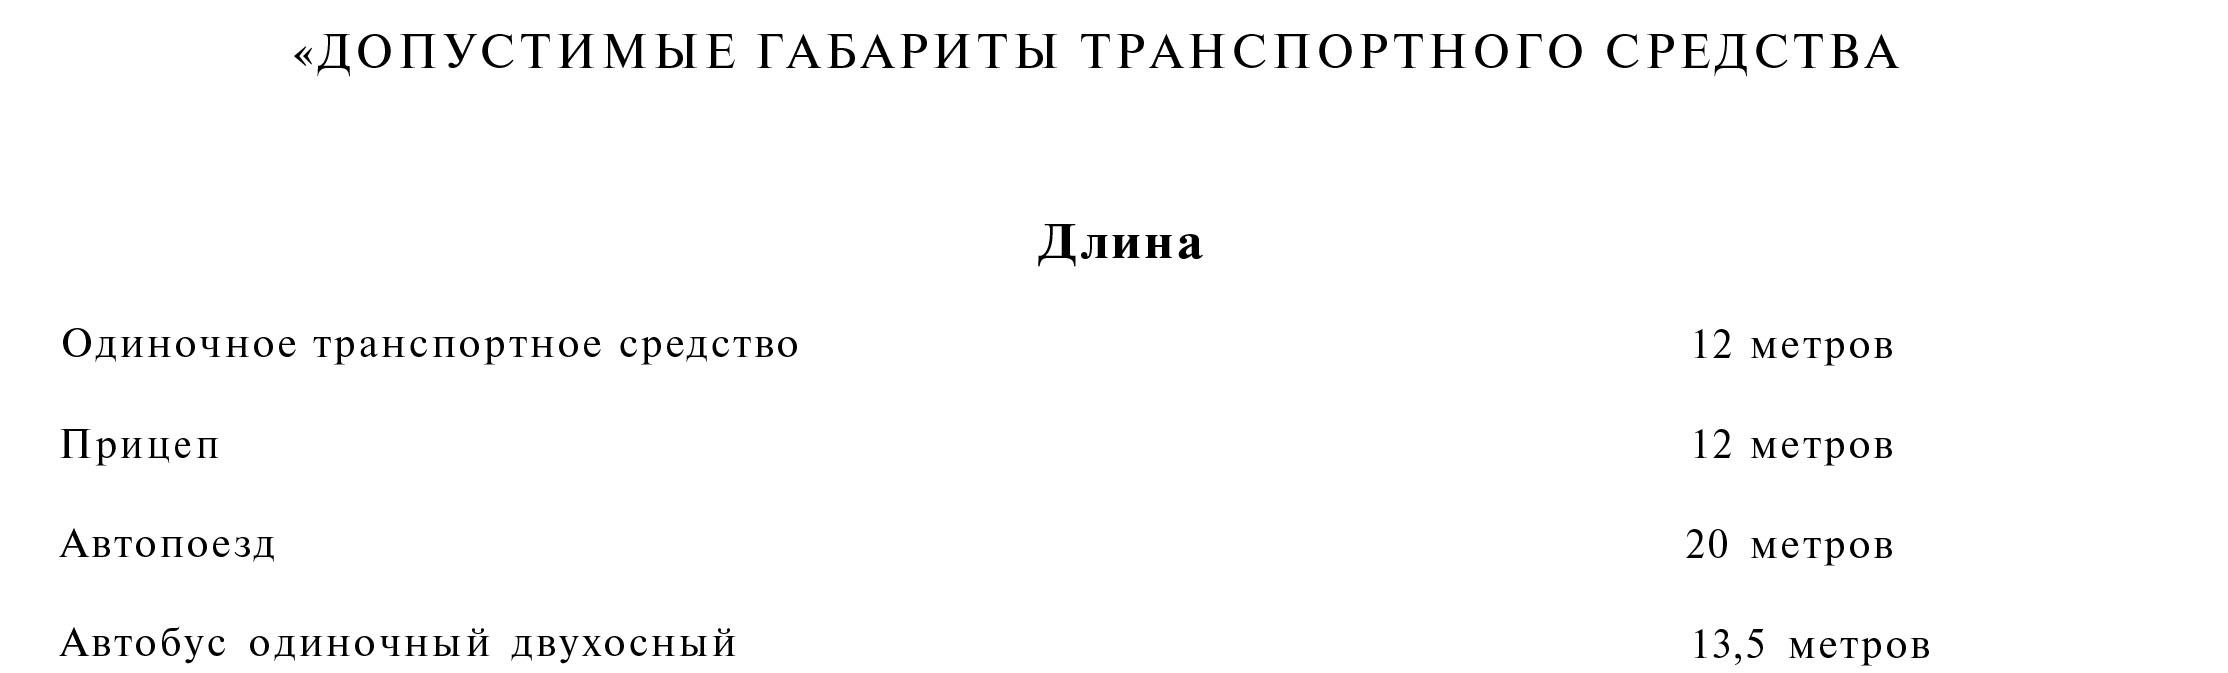 проект Постановления и сводный отчет-12.jpg